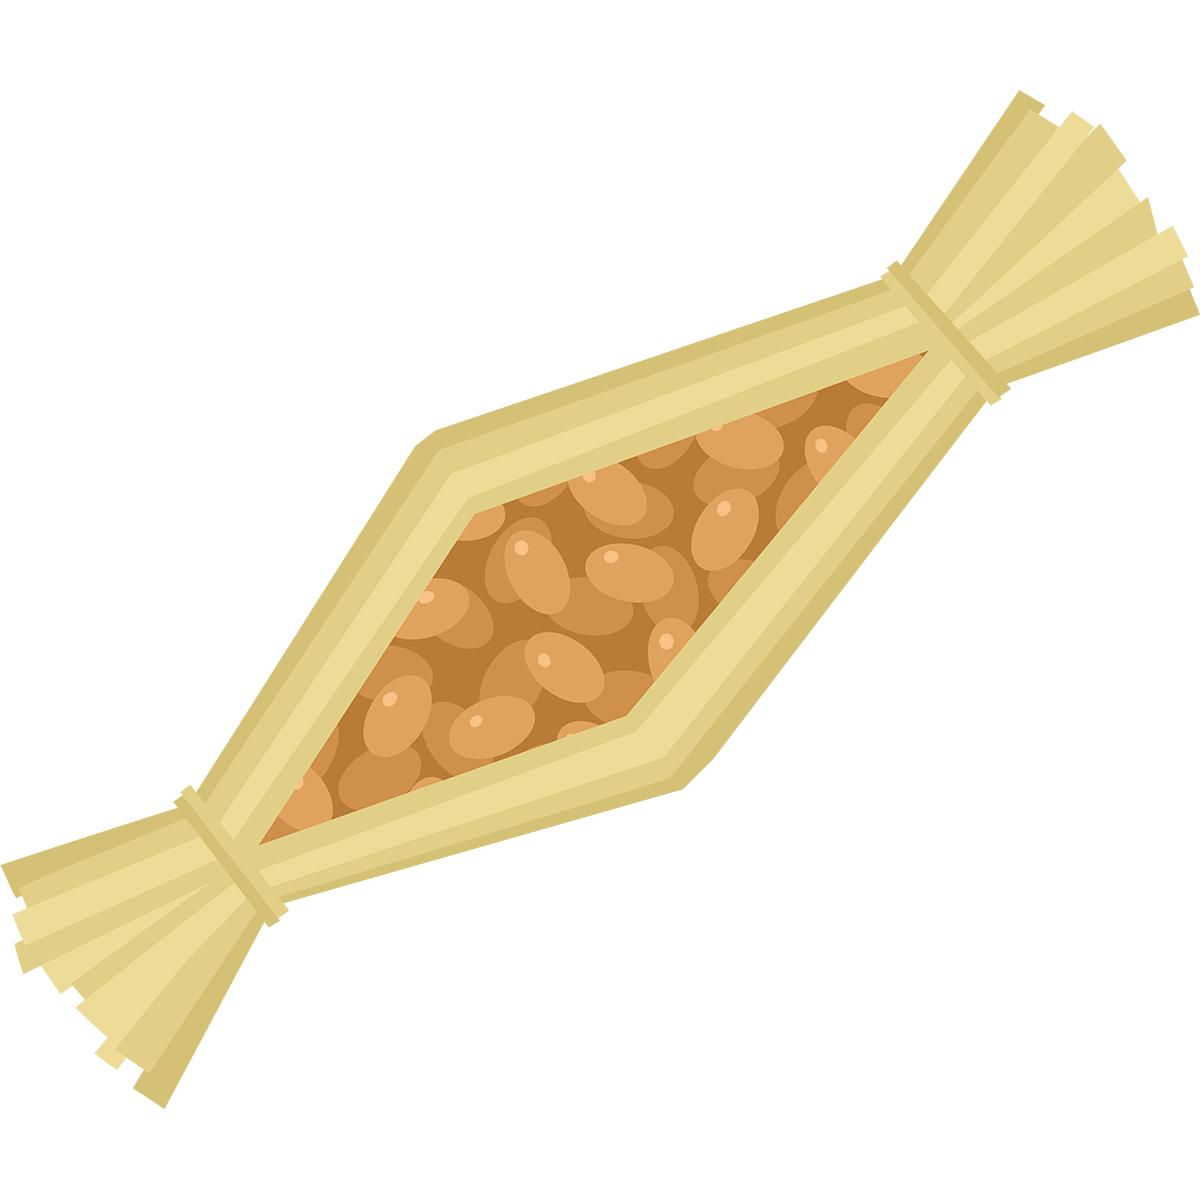 わら納豆の無料イラスト